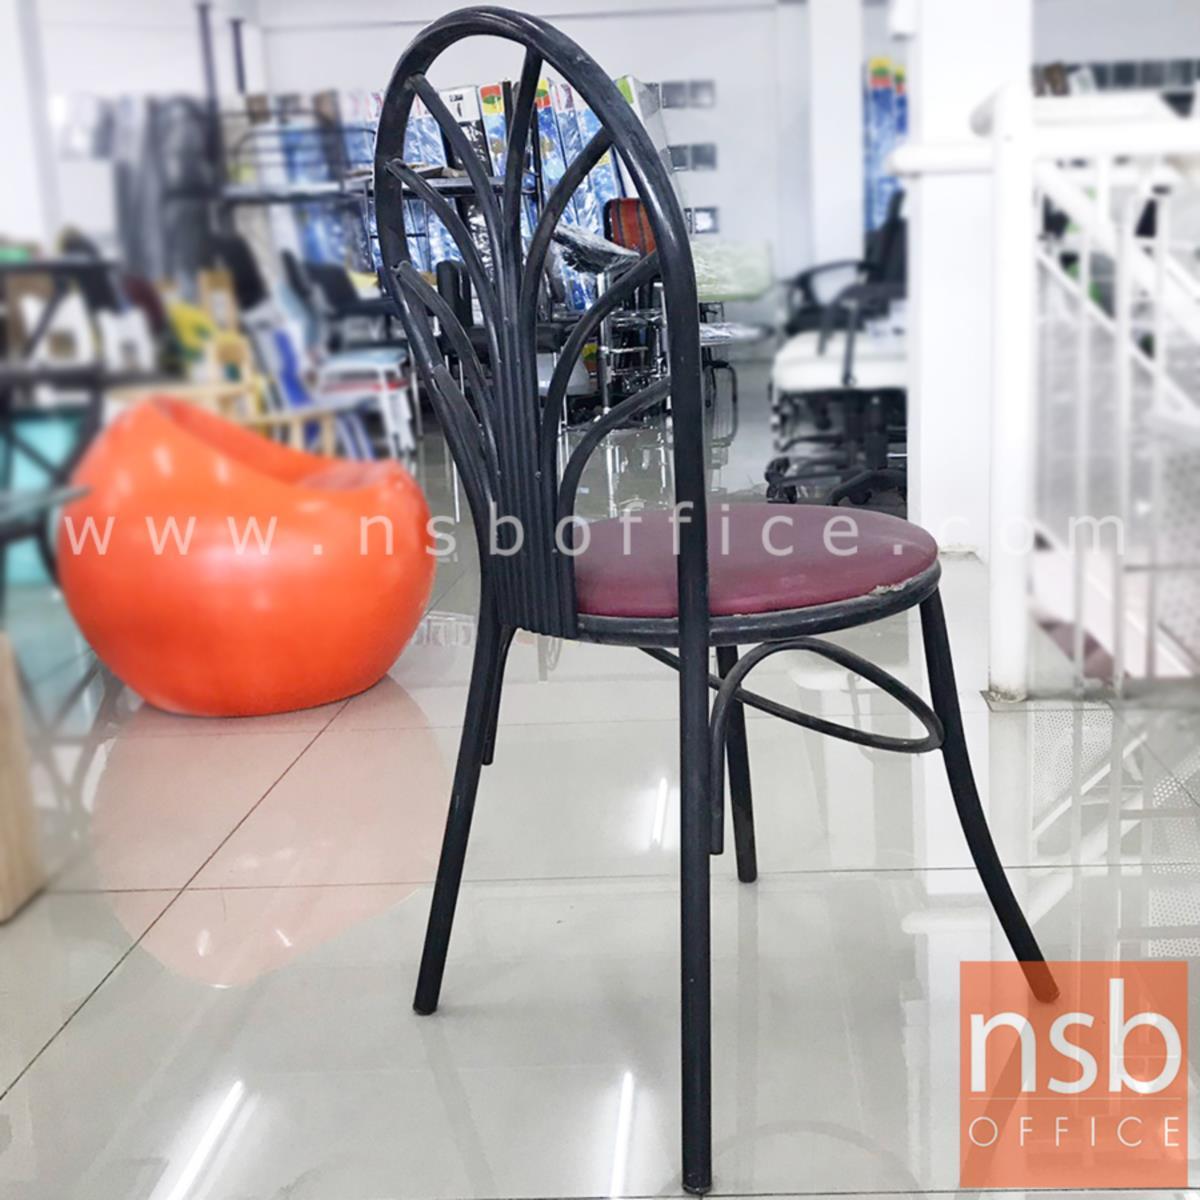 เก้าอี้โมเดิร์นหนังเทียม รุ่น NSB-CHAIR18 ขนาด 38.5Di*86H cm. โครงเหล็กสีดำ (STOCK-1 ตัว)